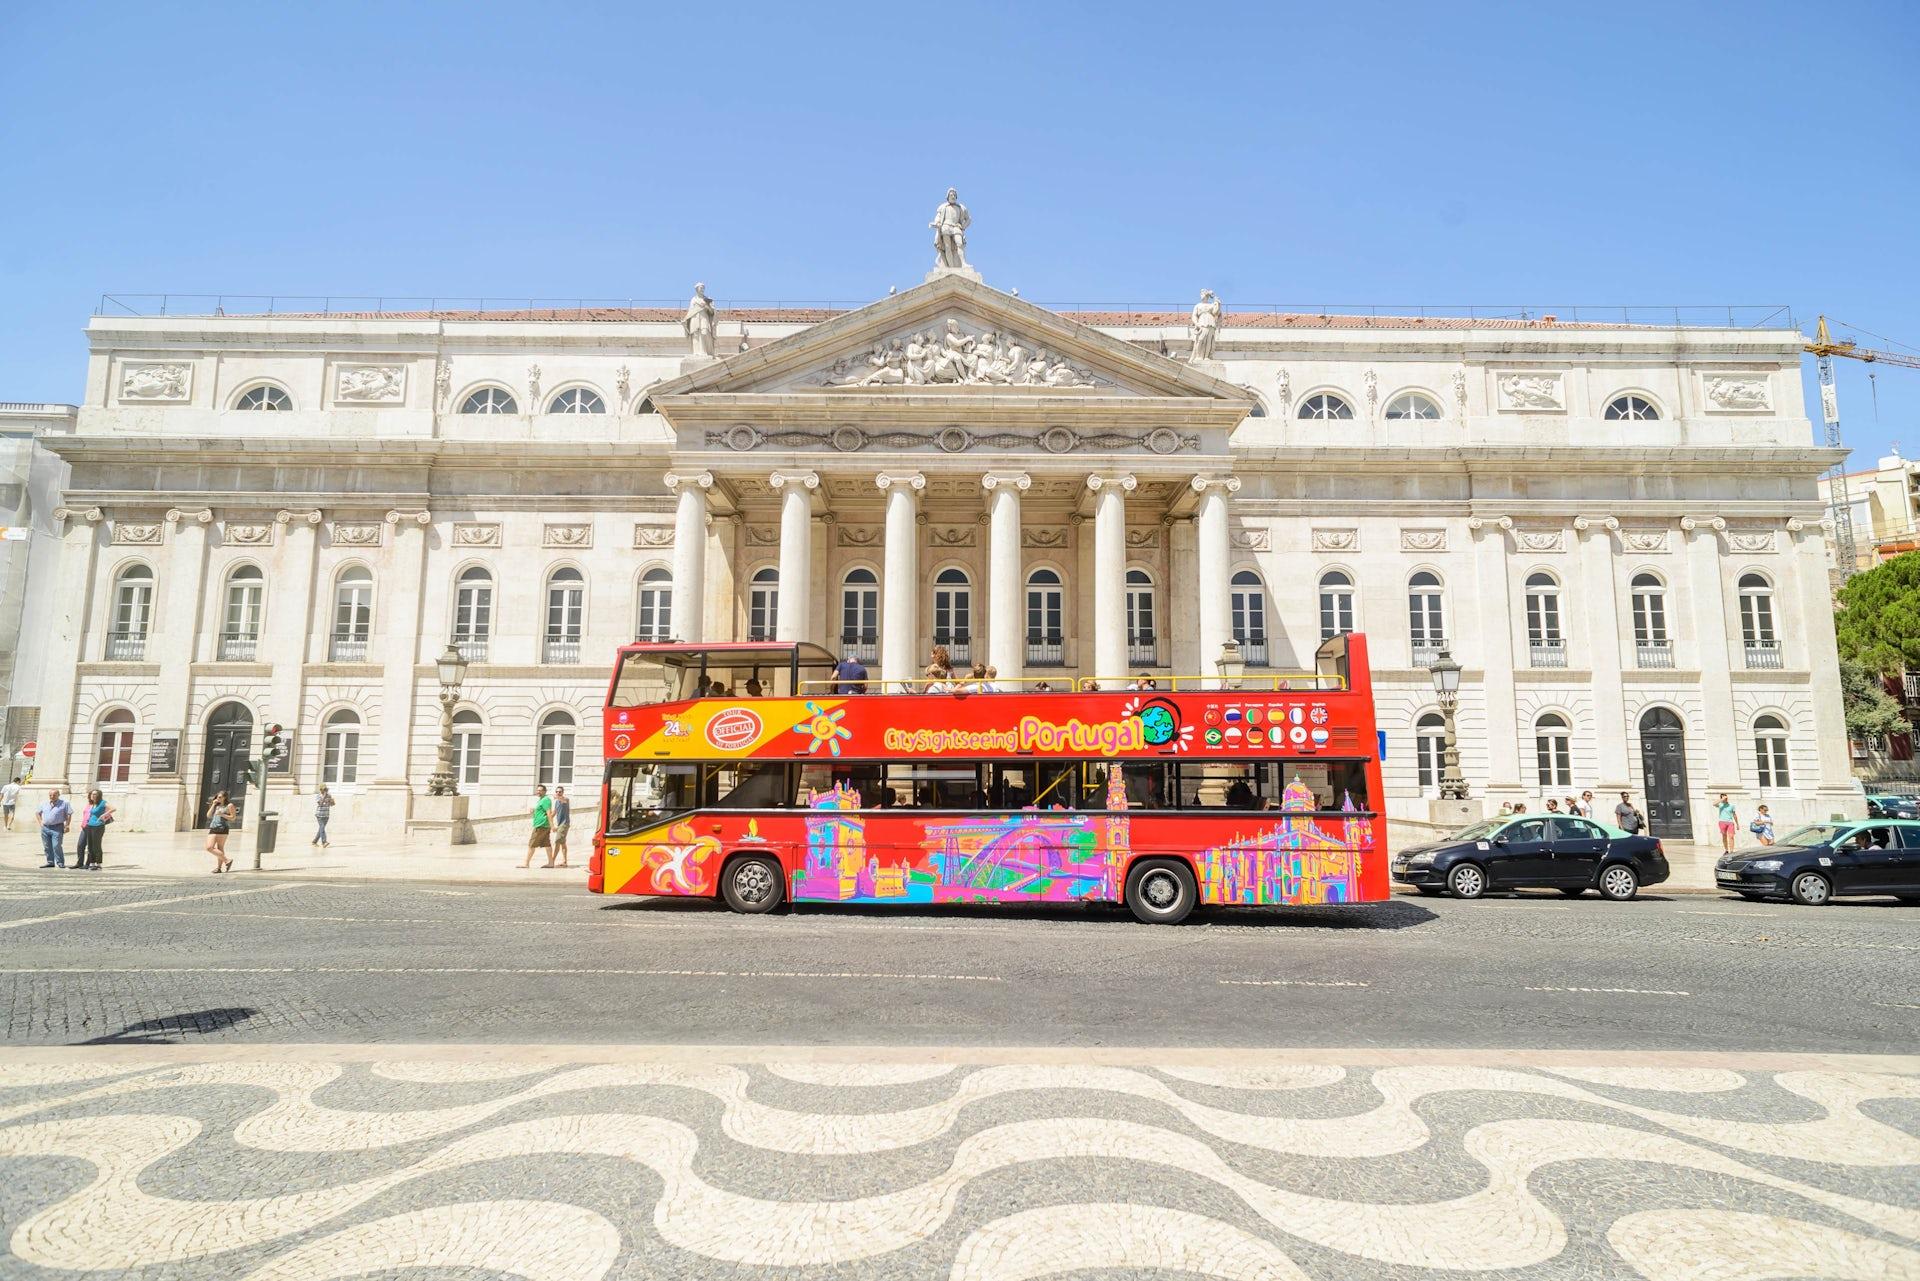 autobus turistico de lisboa